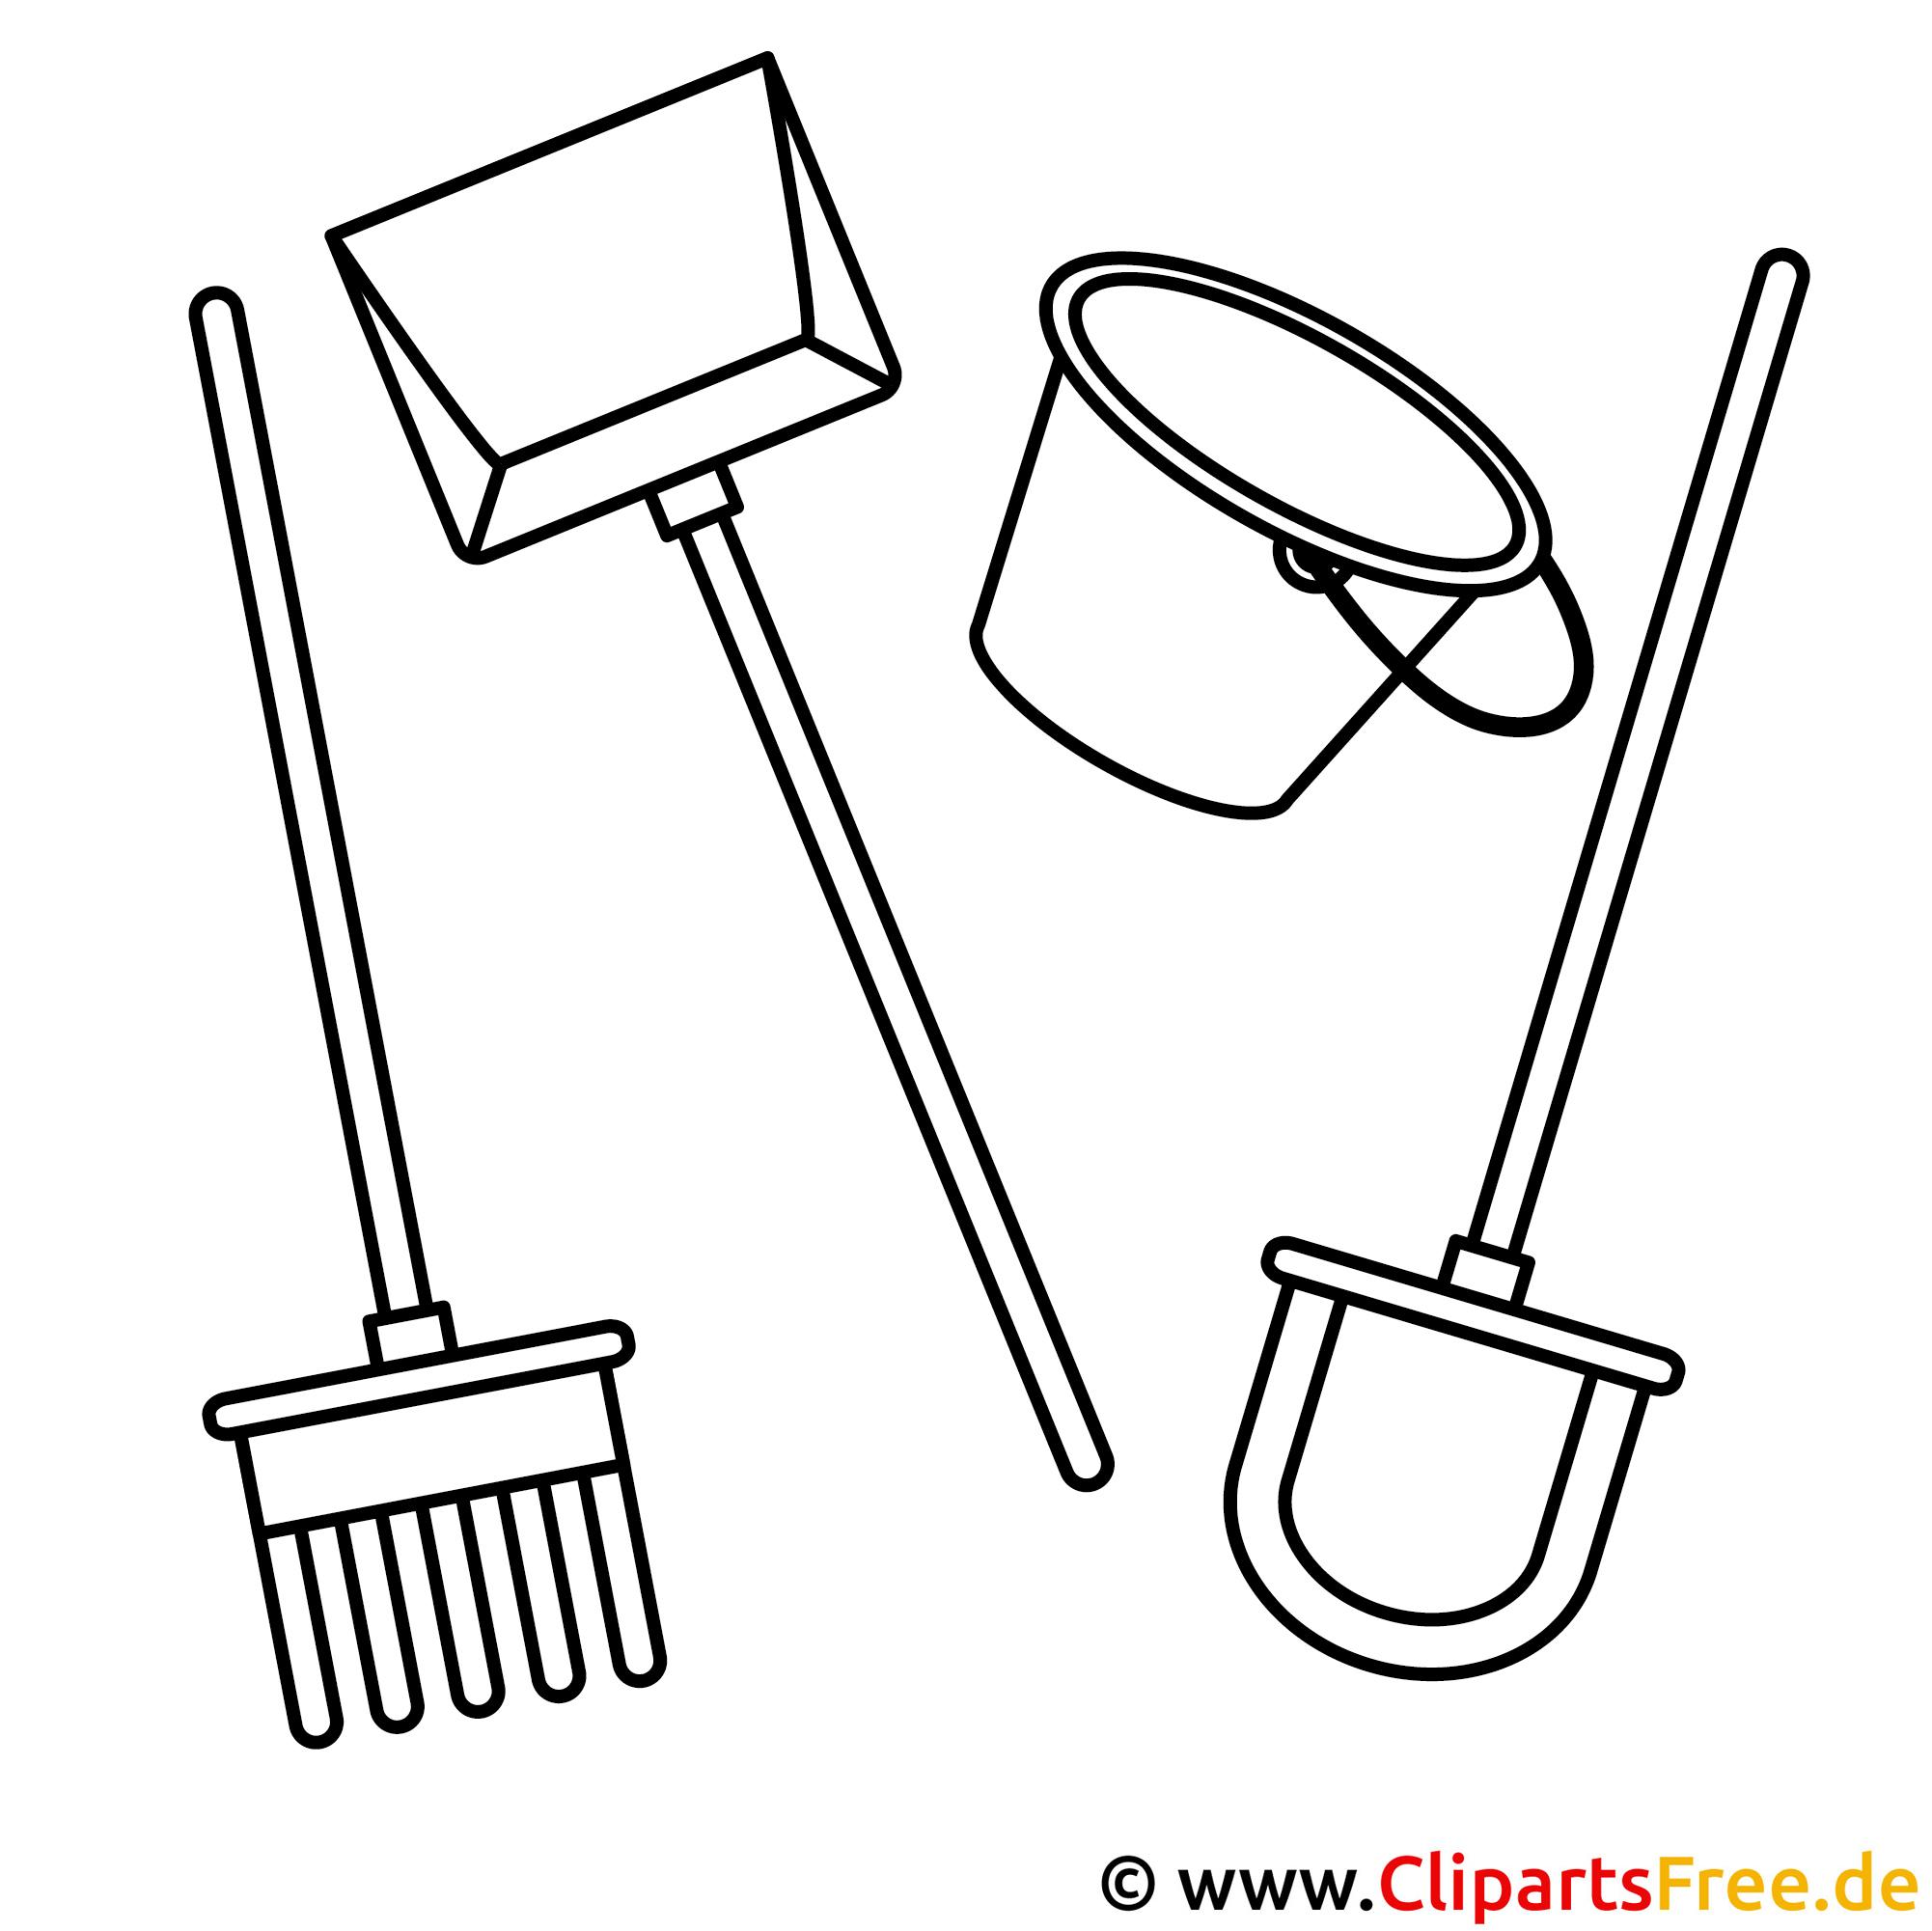 Gartenwerkzeuge Bild zum Ausmalen, Malvorlage